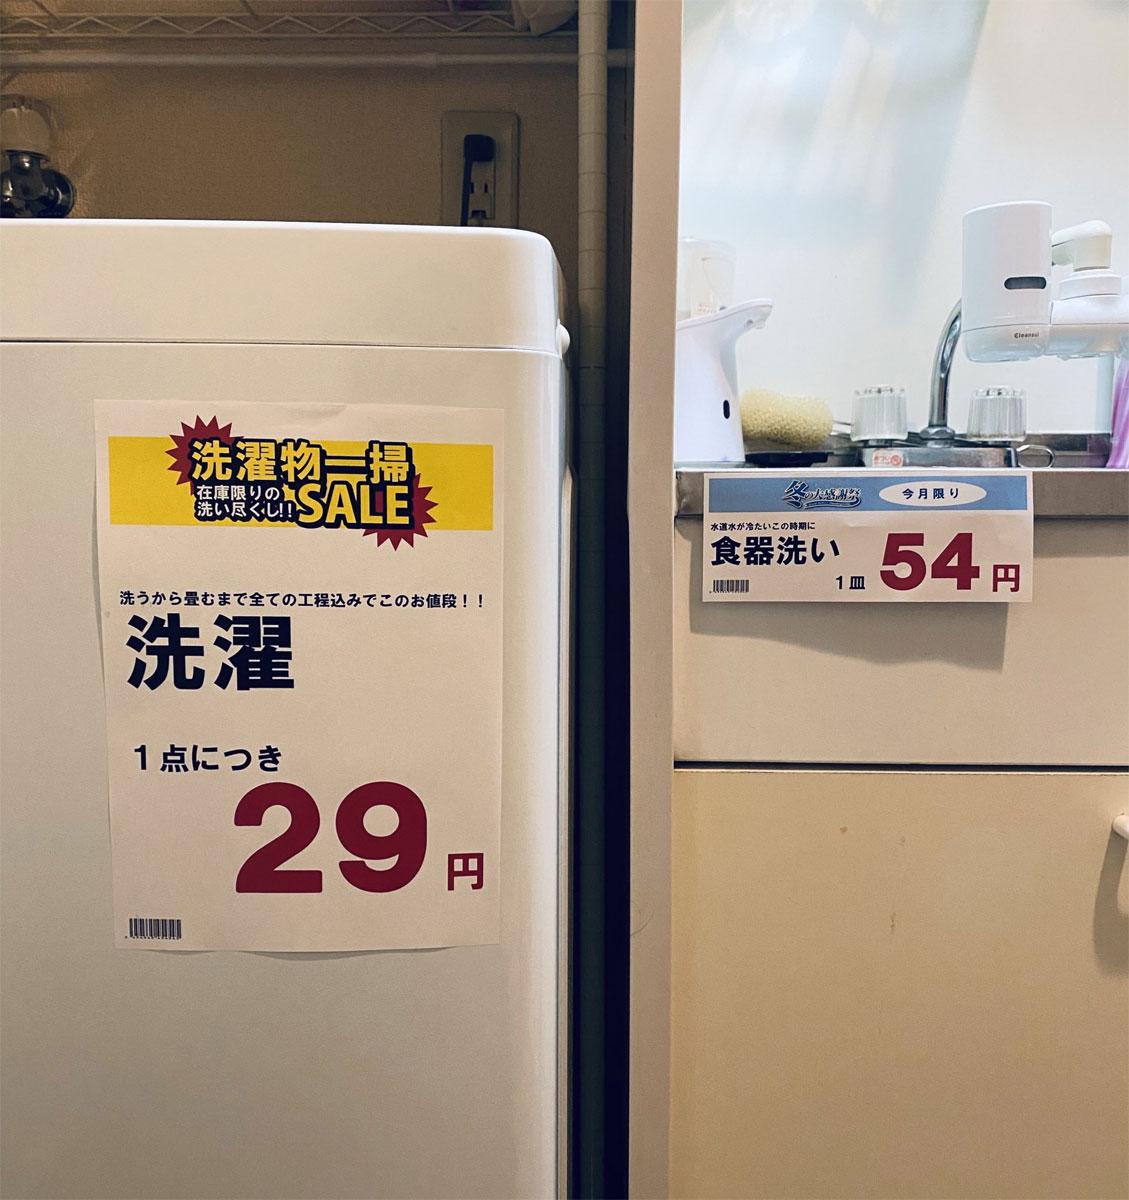 家事のやる気を上げるライフハック スーパーのPOP風張り紙でお得感を演出